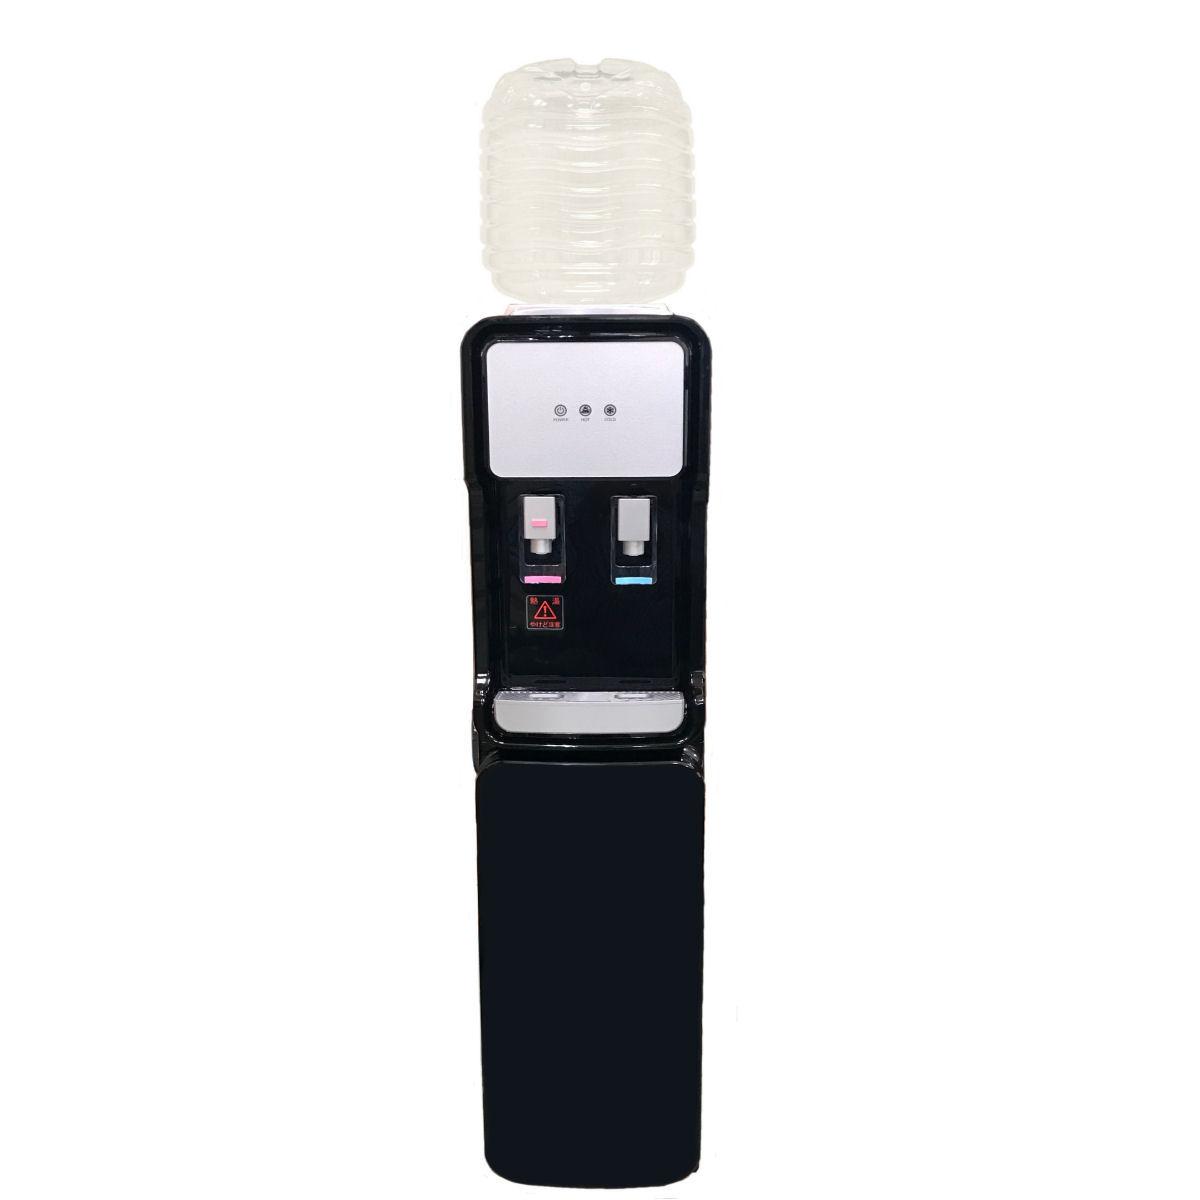 ウォーターサーバー据置型 GD-501 ブラック  専用12リットルPETボトル2本つき